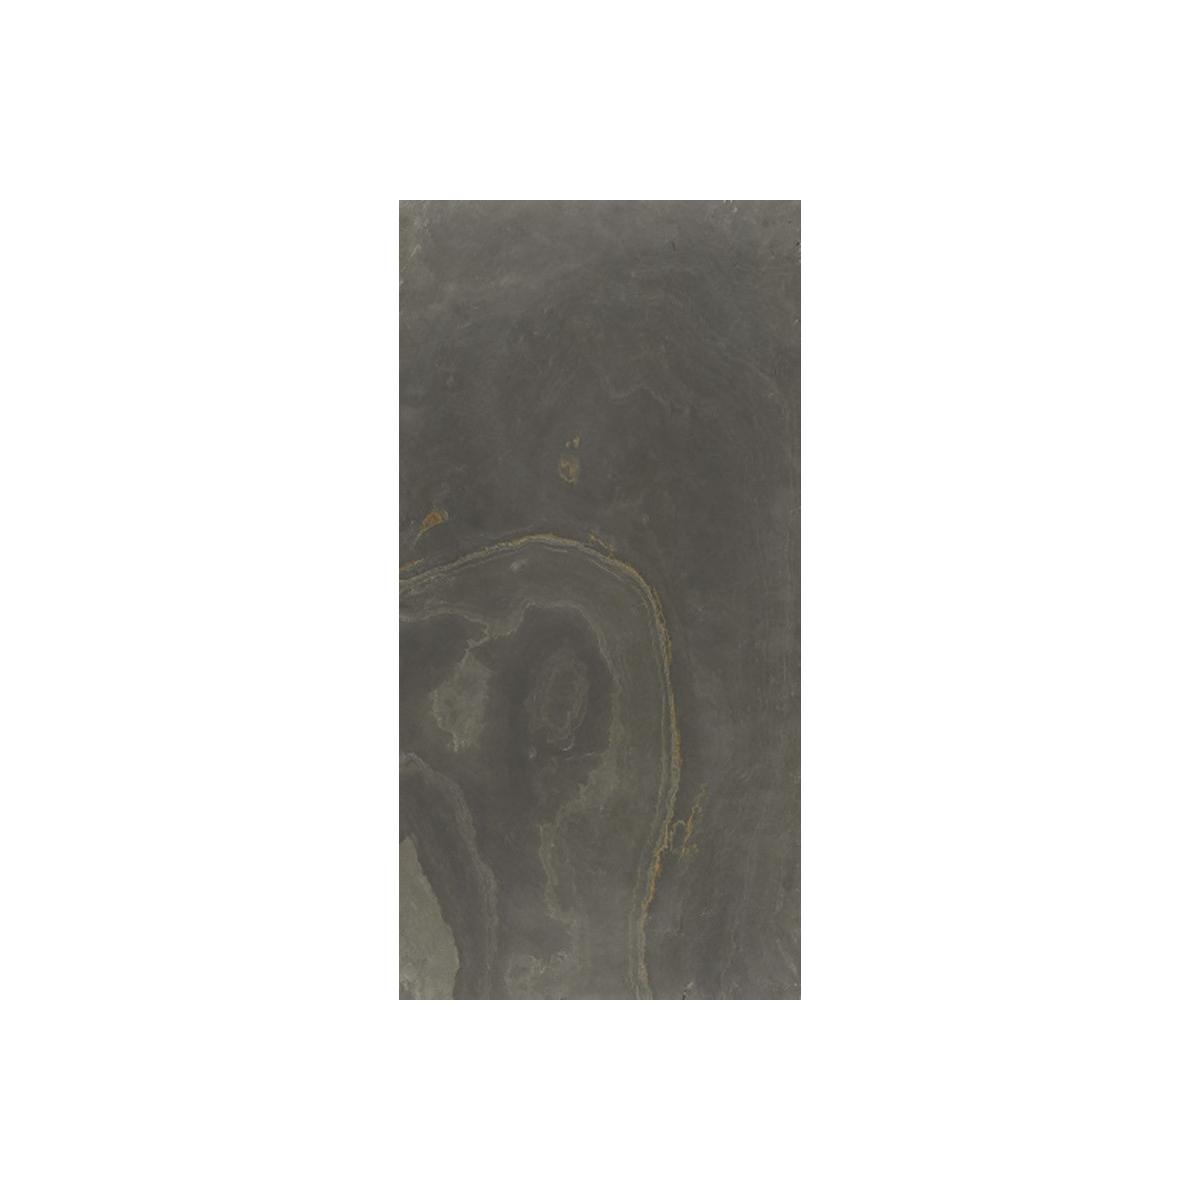 Pizarra natural flexible FS6012 / FT3012 (ud)